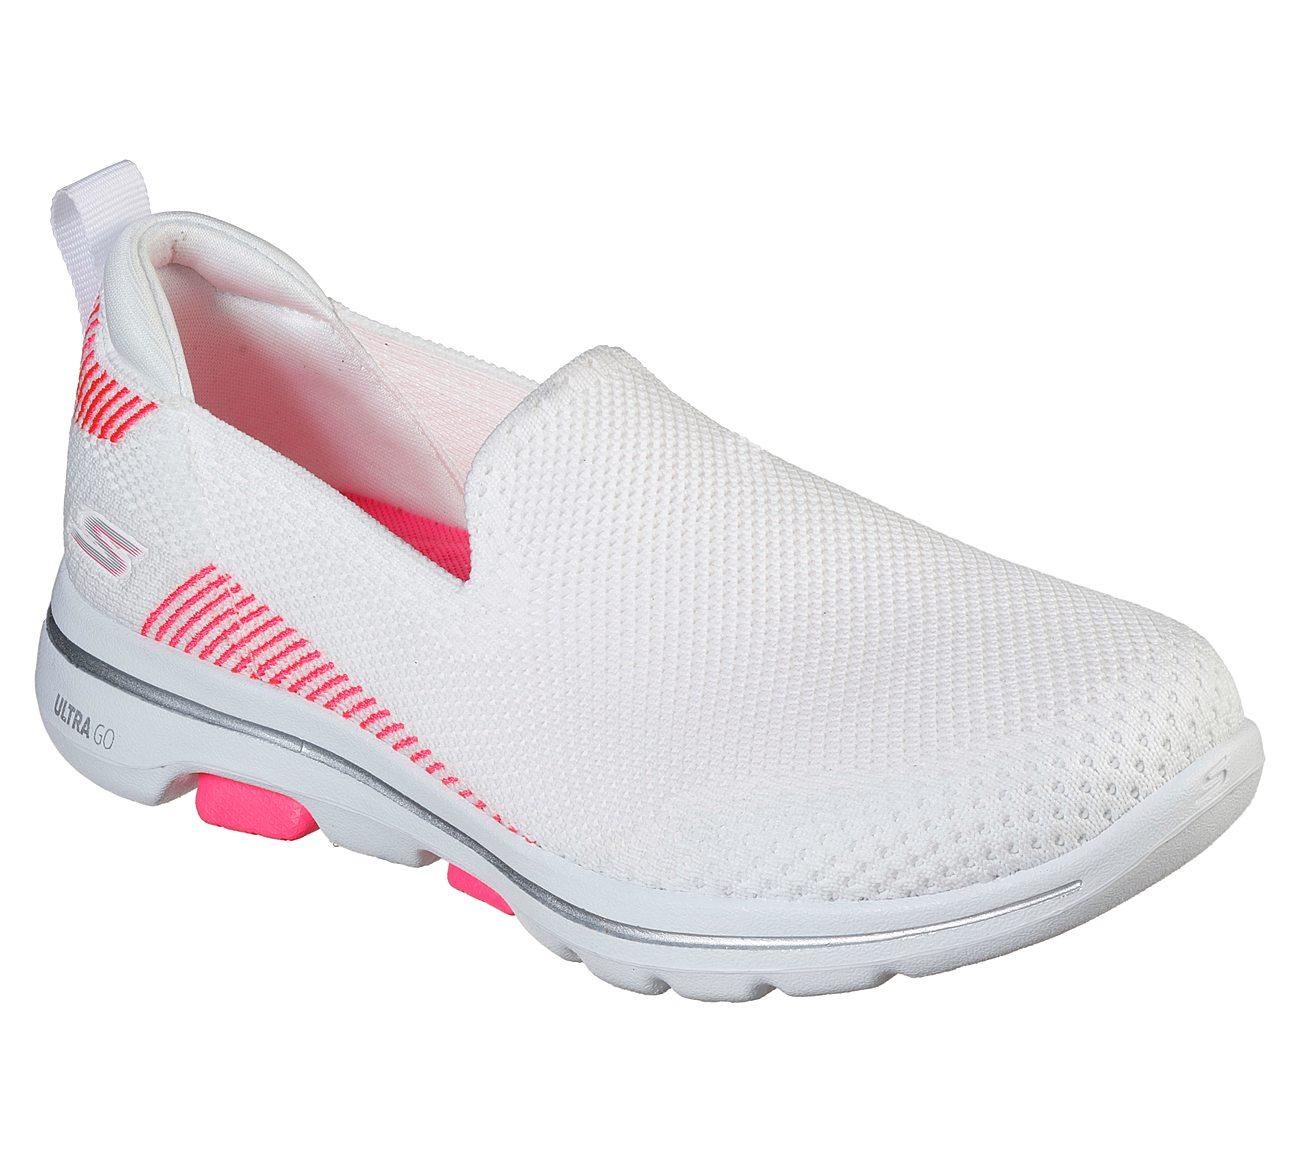 Skechers Womens Go Walk 5 Prized Sneaker